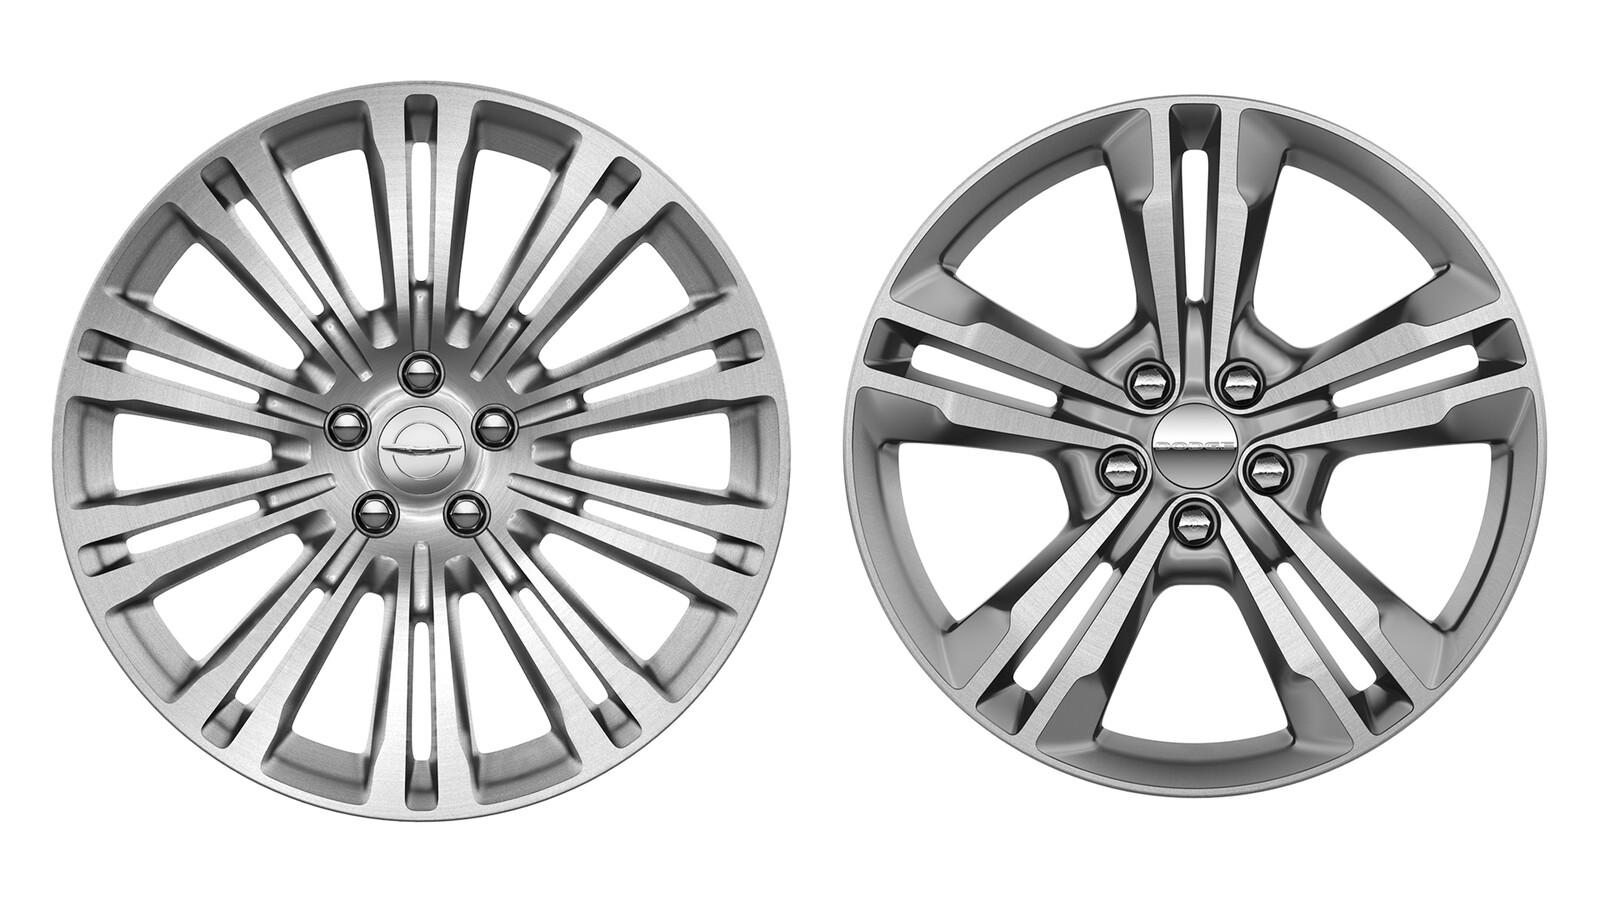 Chrysler & Dodge Wheels Tasks: Materials, Lighting, & Retouching